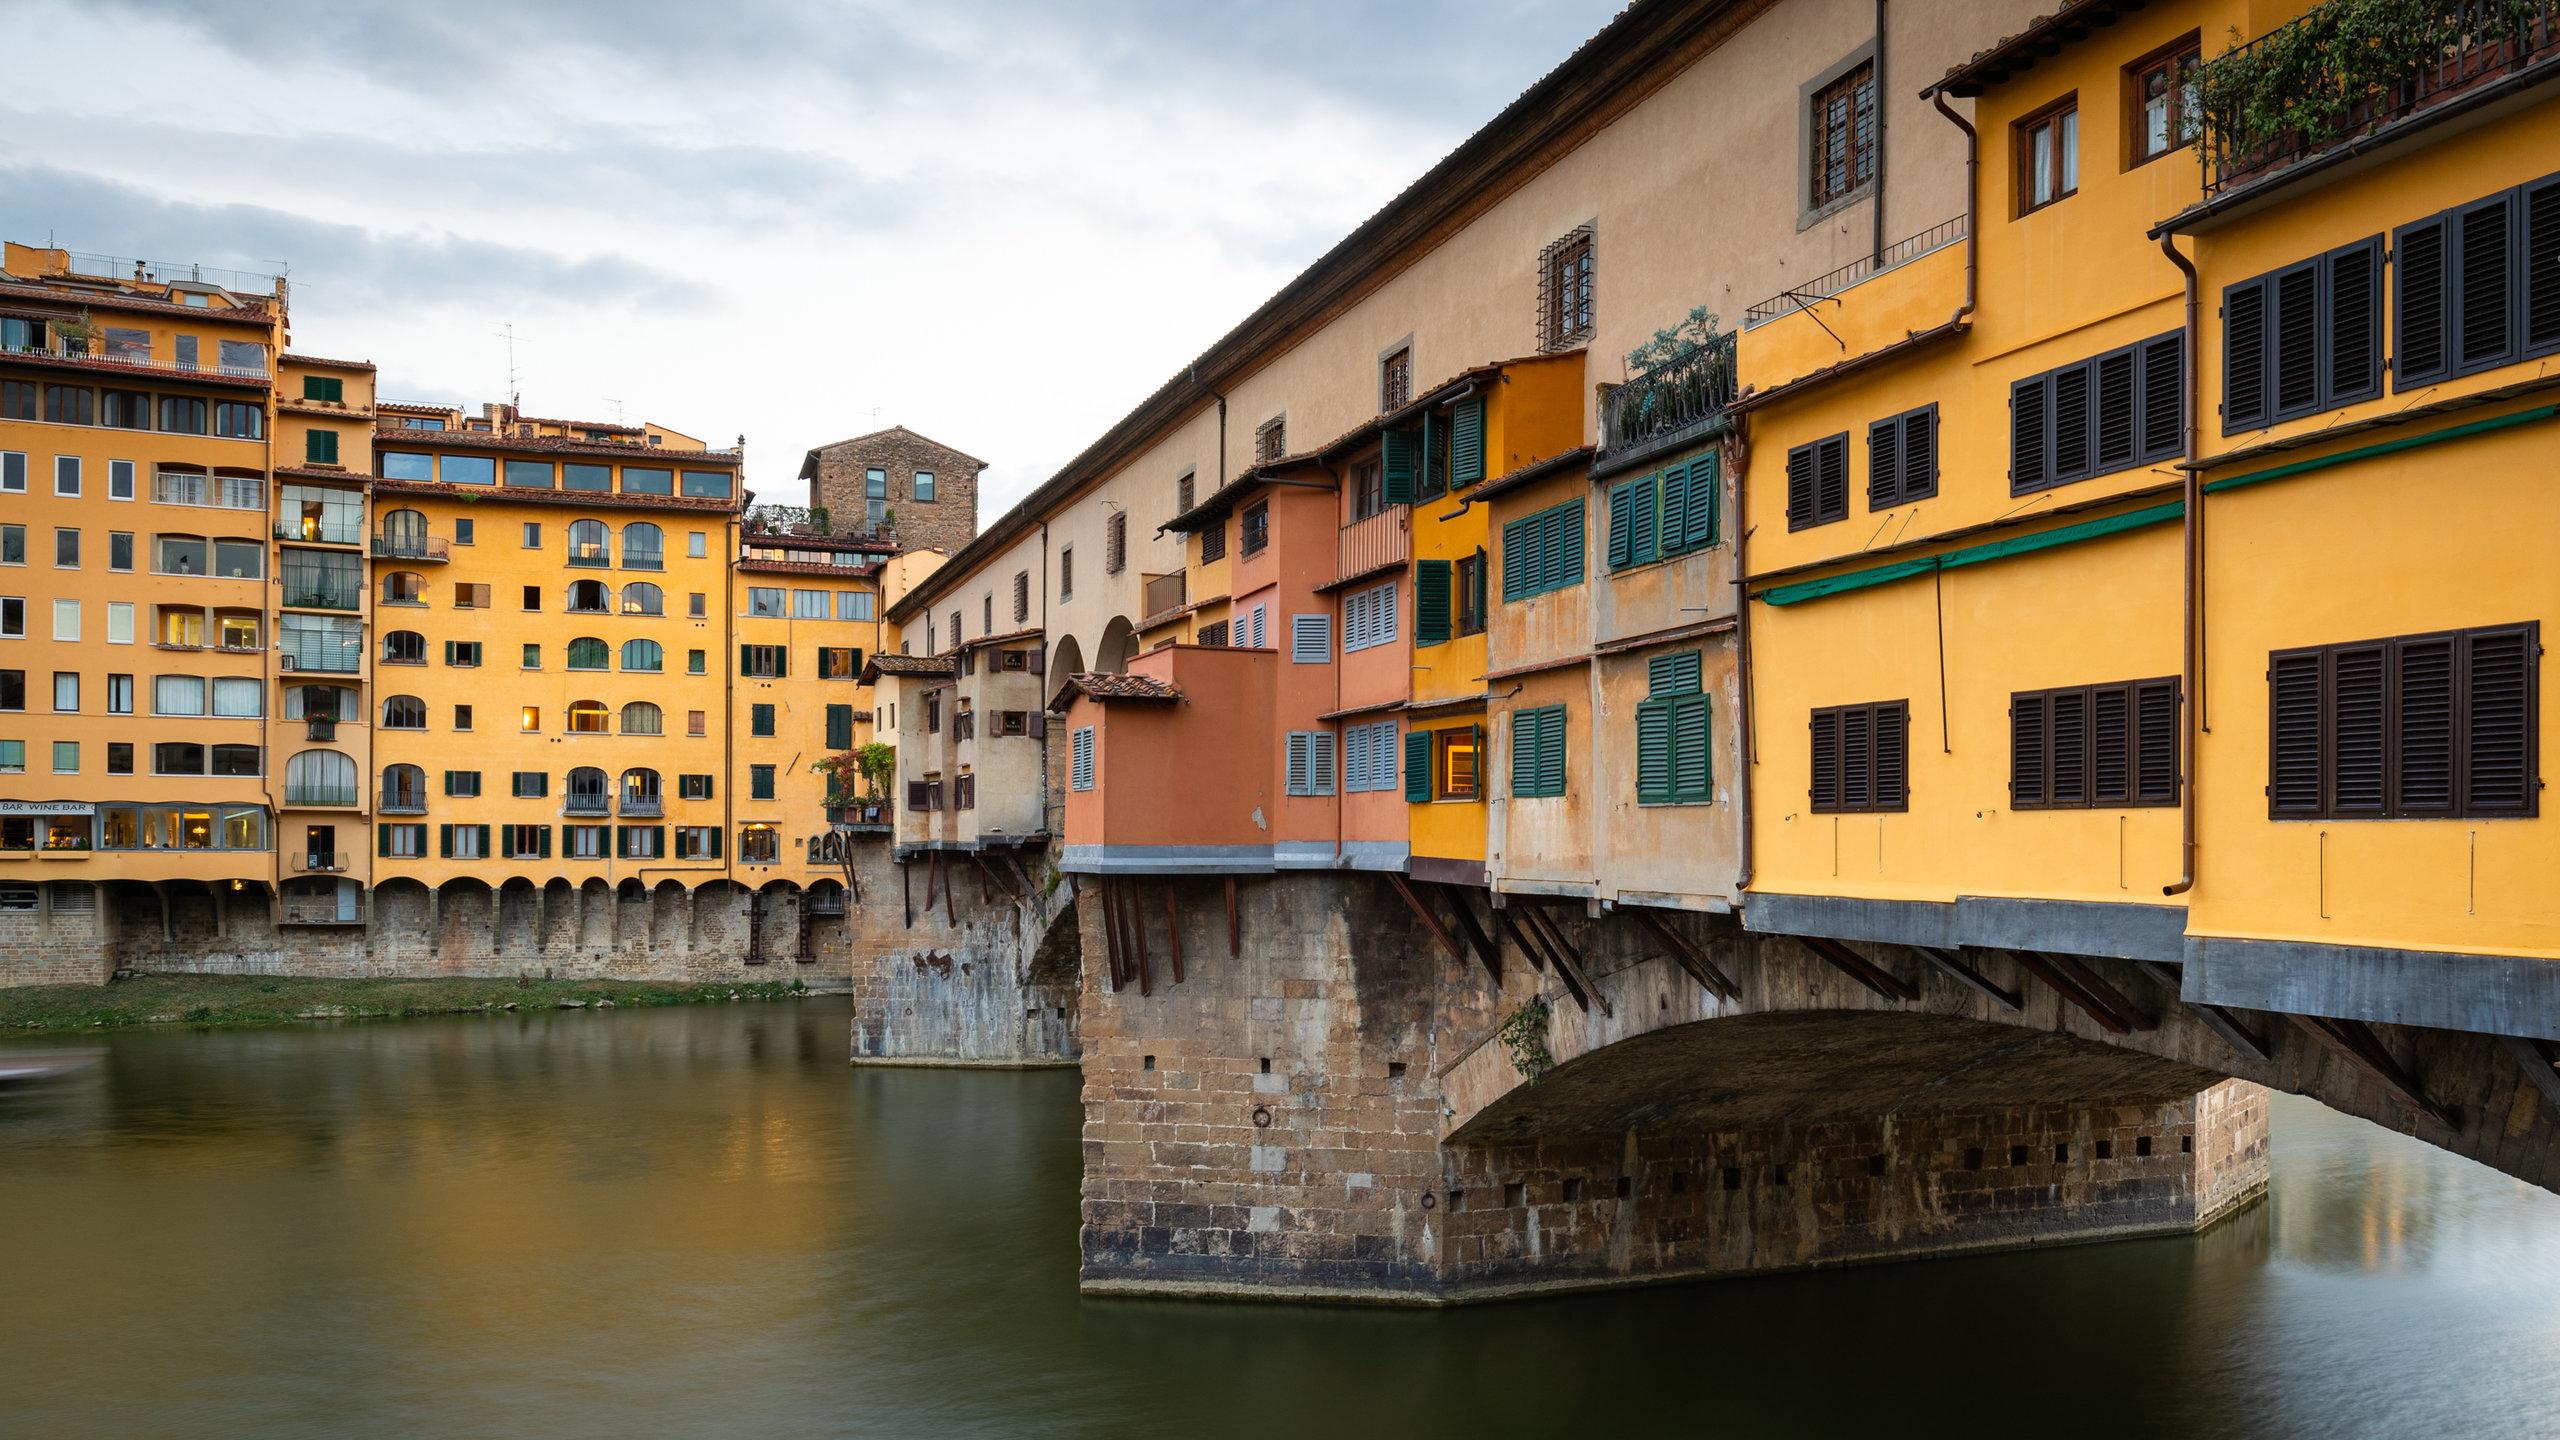 Lokalhistorien til Firenze vil du kunne utforske hvis du setter av litt tid til Det historiske bysentrum. Området har elveutsikt og kunst du bør oppleve.